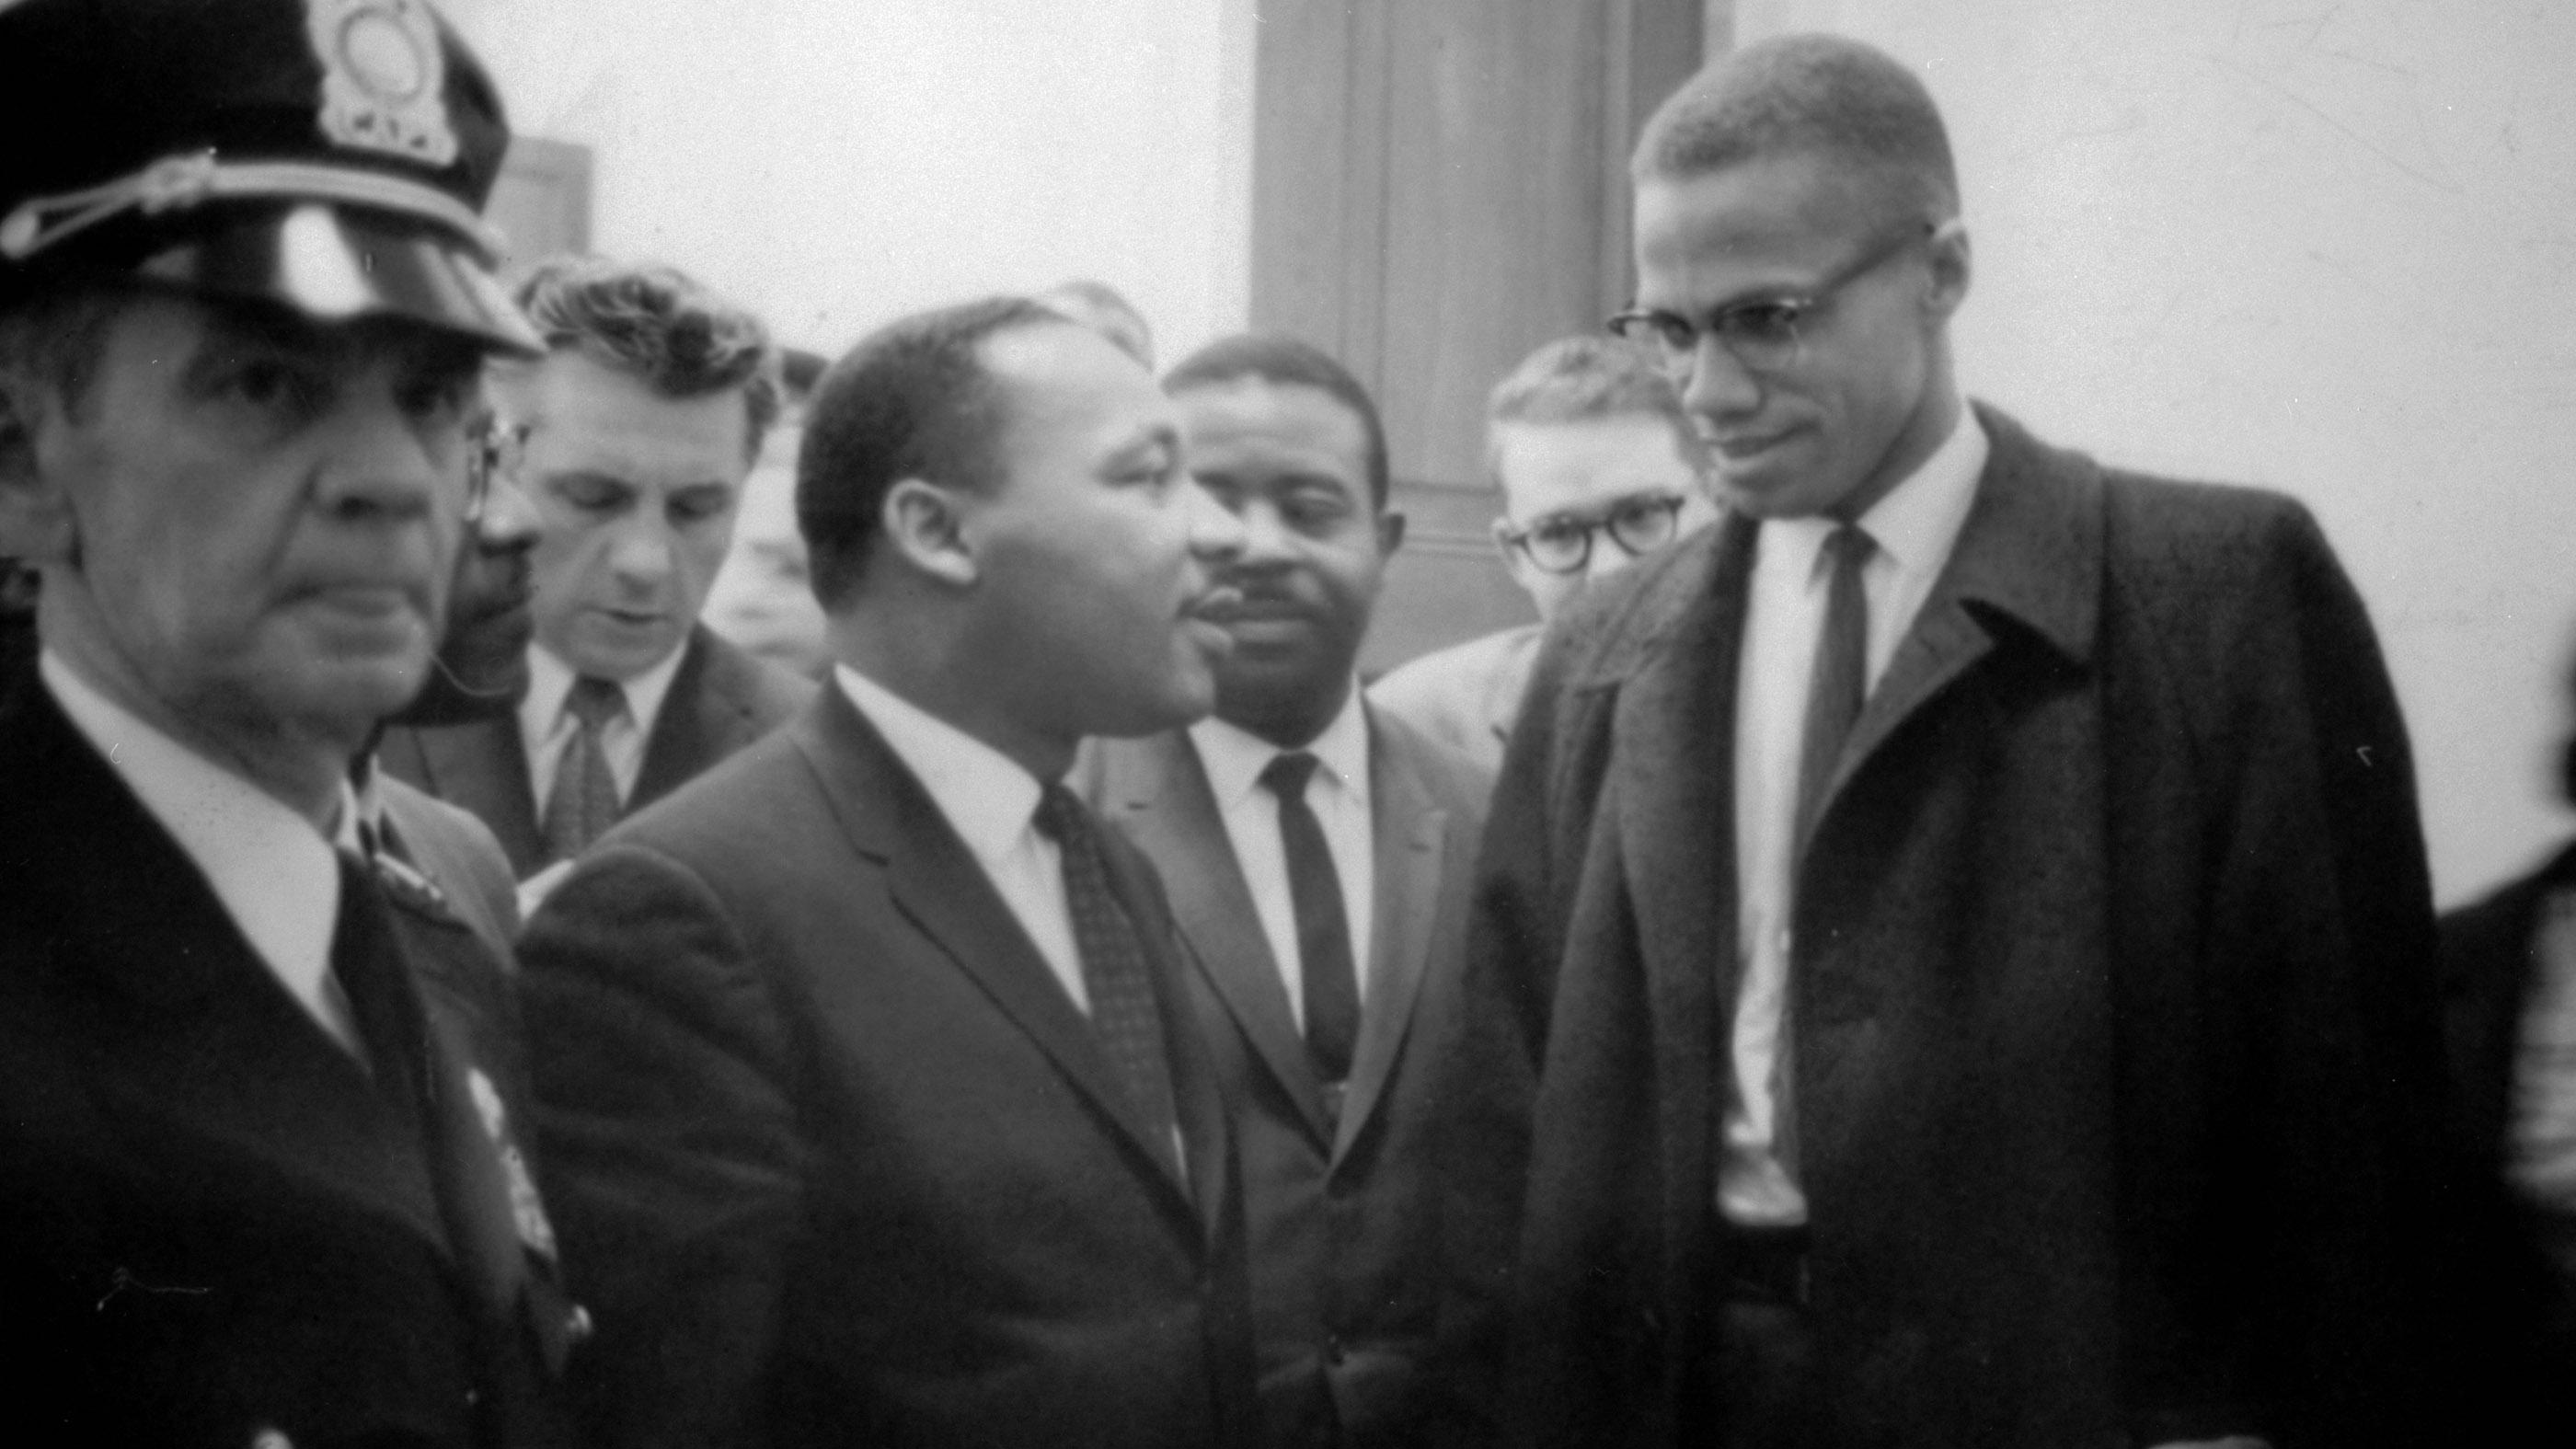 Martin Luther King Jr. et Malcolm X attendent une conférence de presse le 26 mars 1964. La photo a été prise par Marion S. Trikoskor.